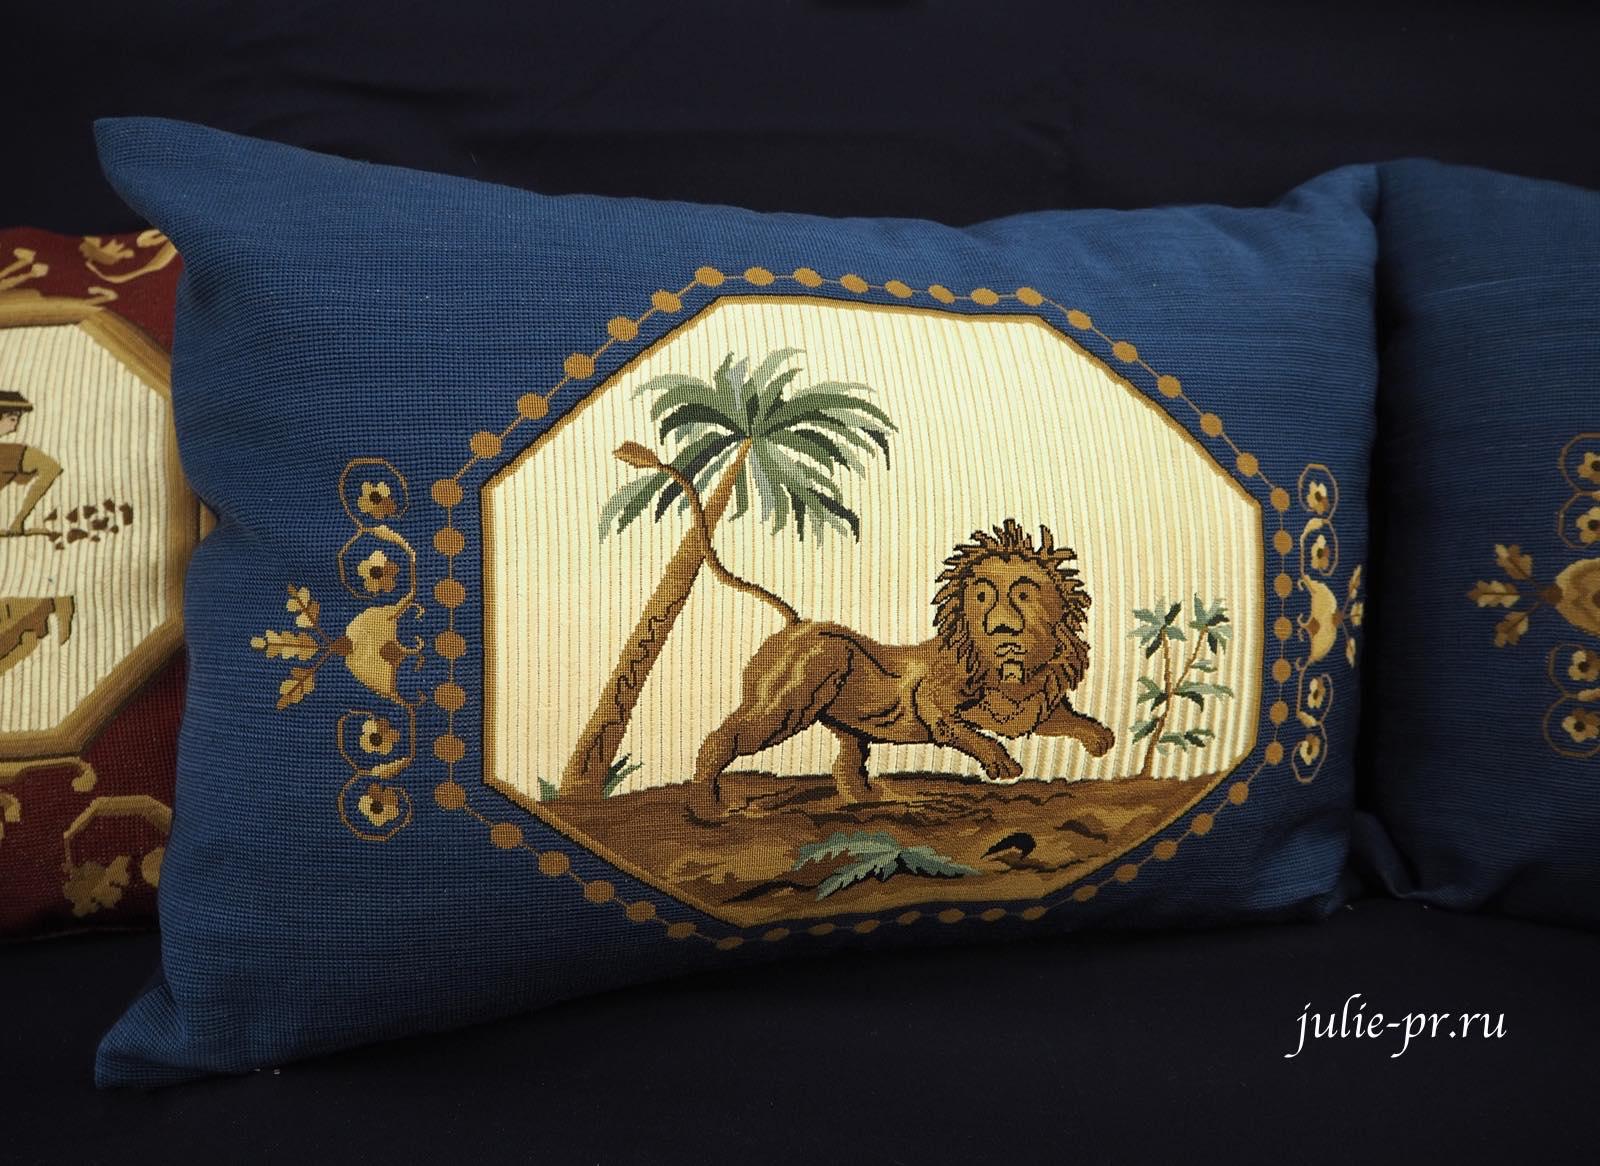 выставка, вышивка, историческая реконструкция, подушки, Иголочка тонка, да достаёт до сердца, Санкт-Петербург,